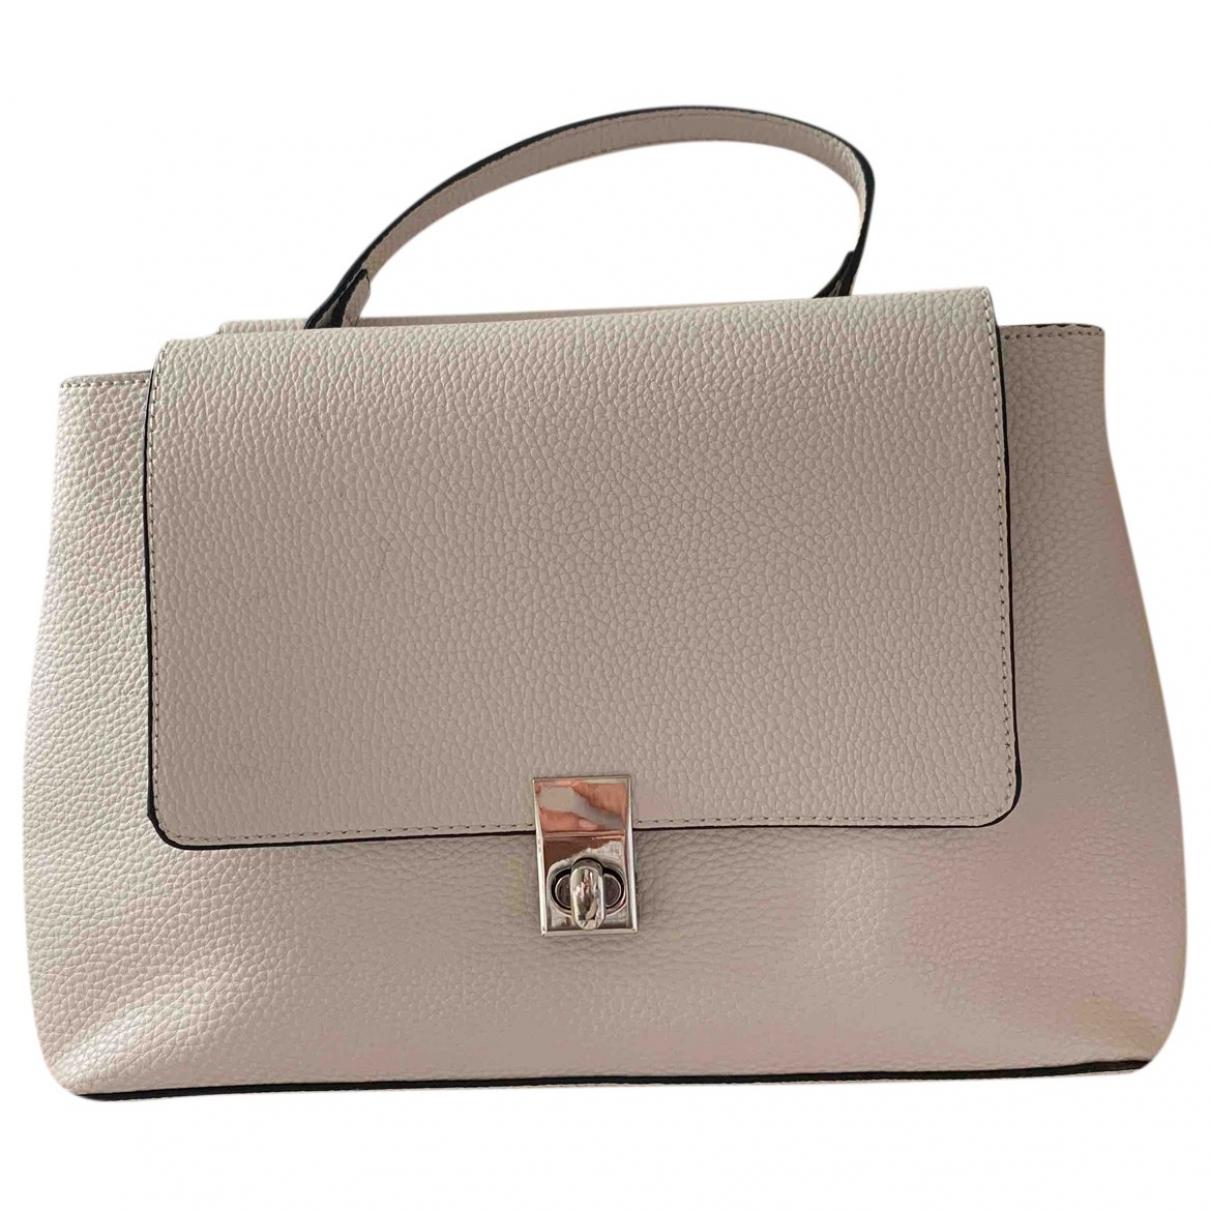 Mango \N White handbag for Women \N